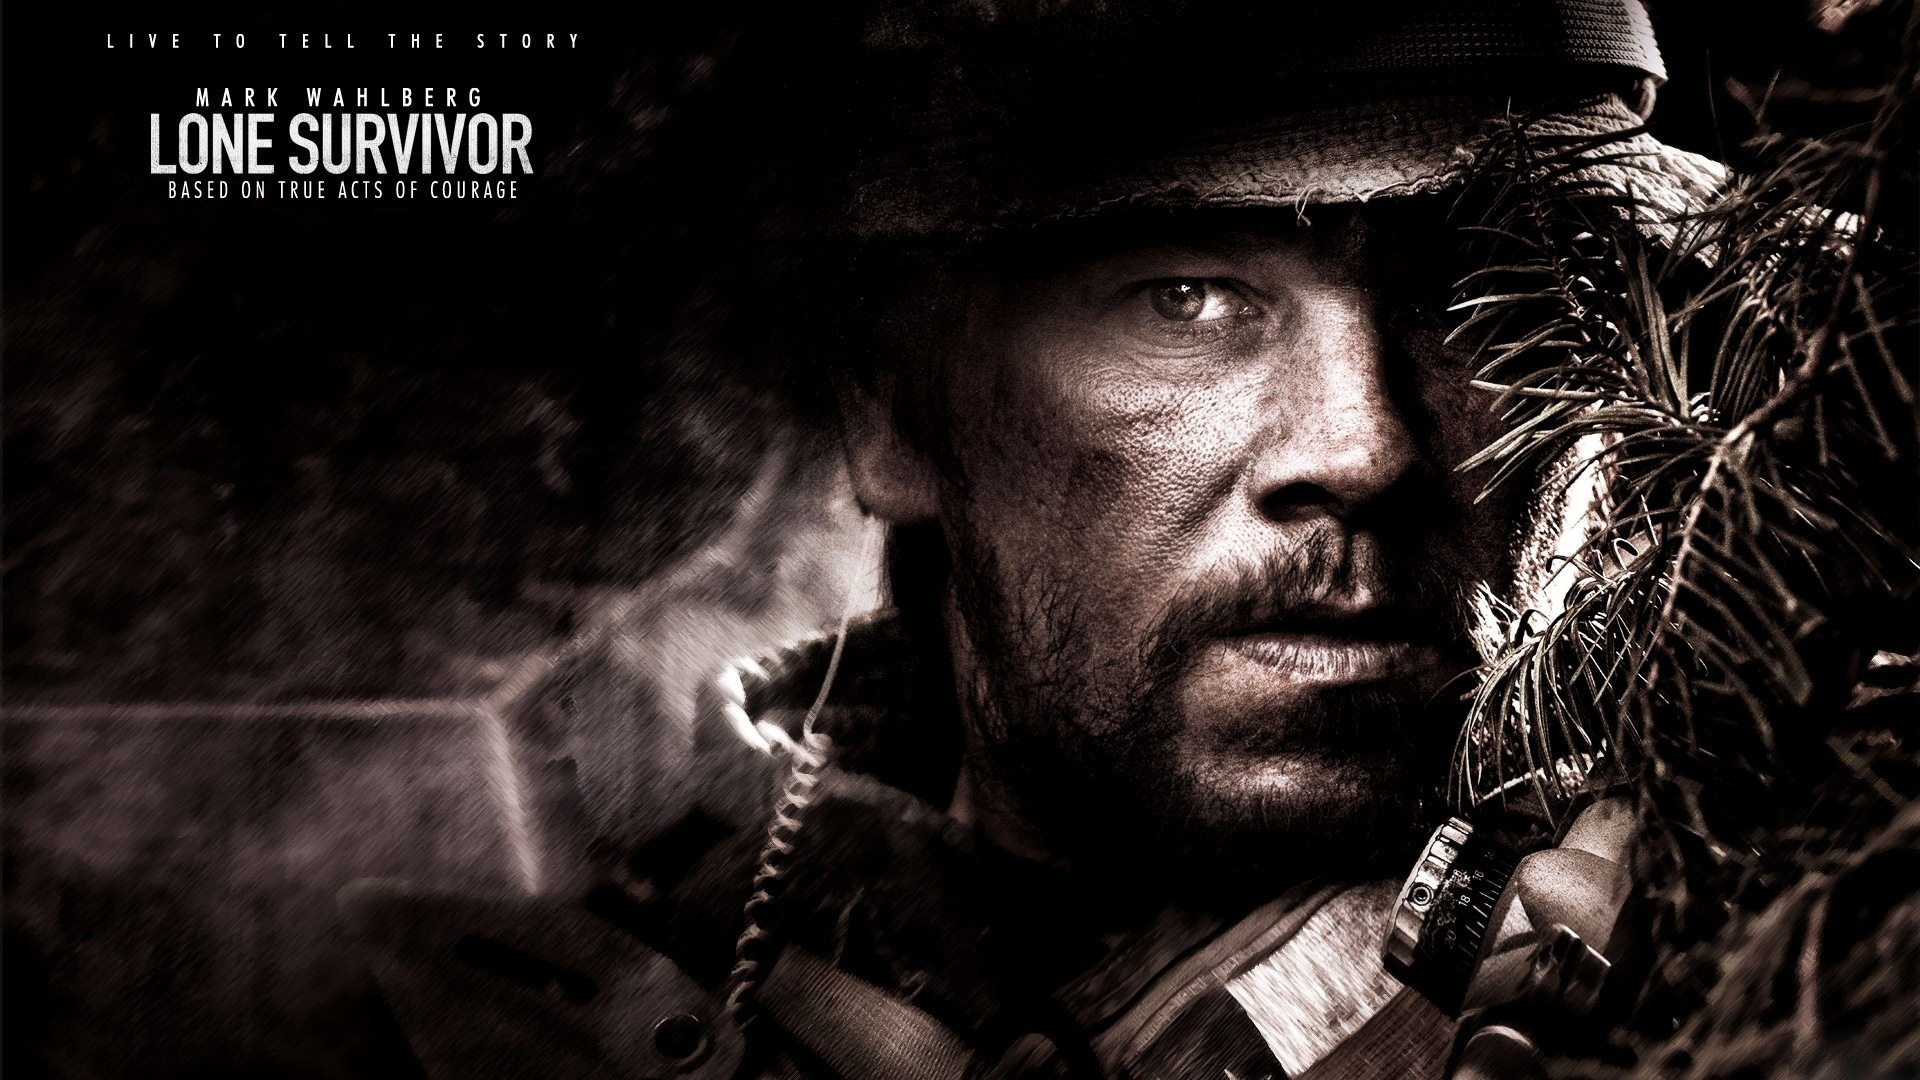 6 HD Lone Survivor Movie Wallpapers